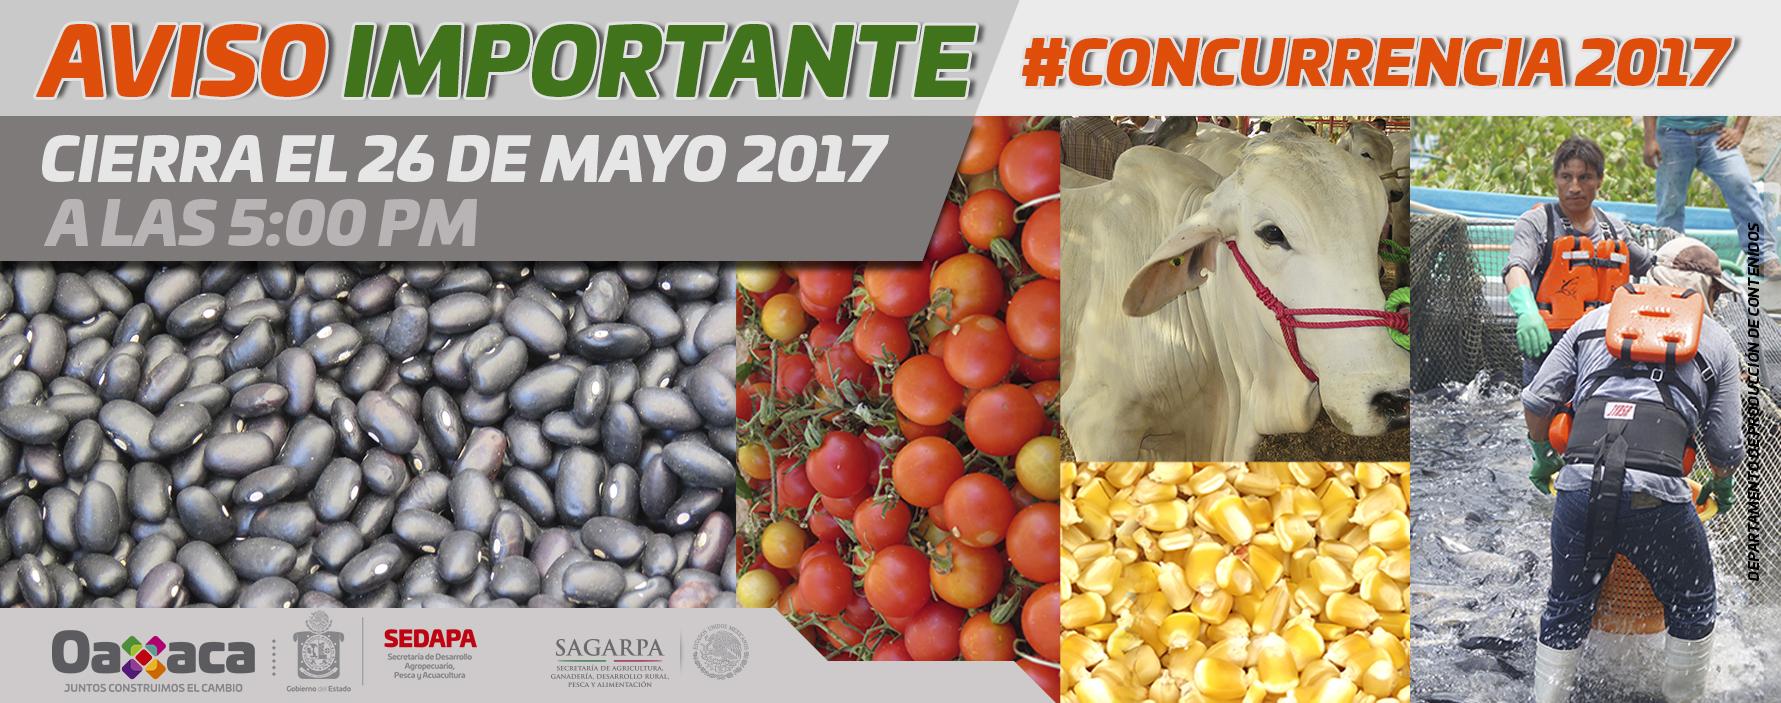 Convocatoria de concurrencia con las entidades federativas 2017